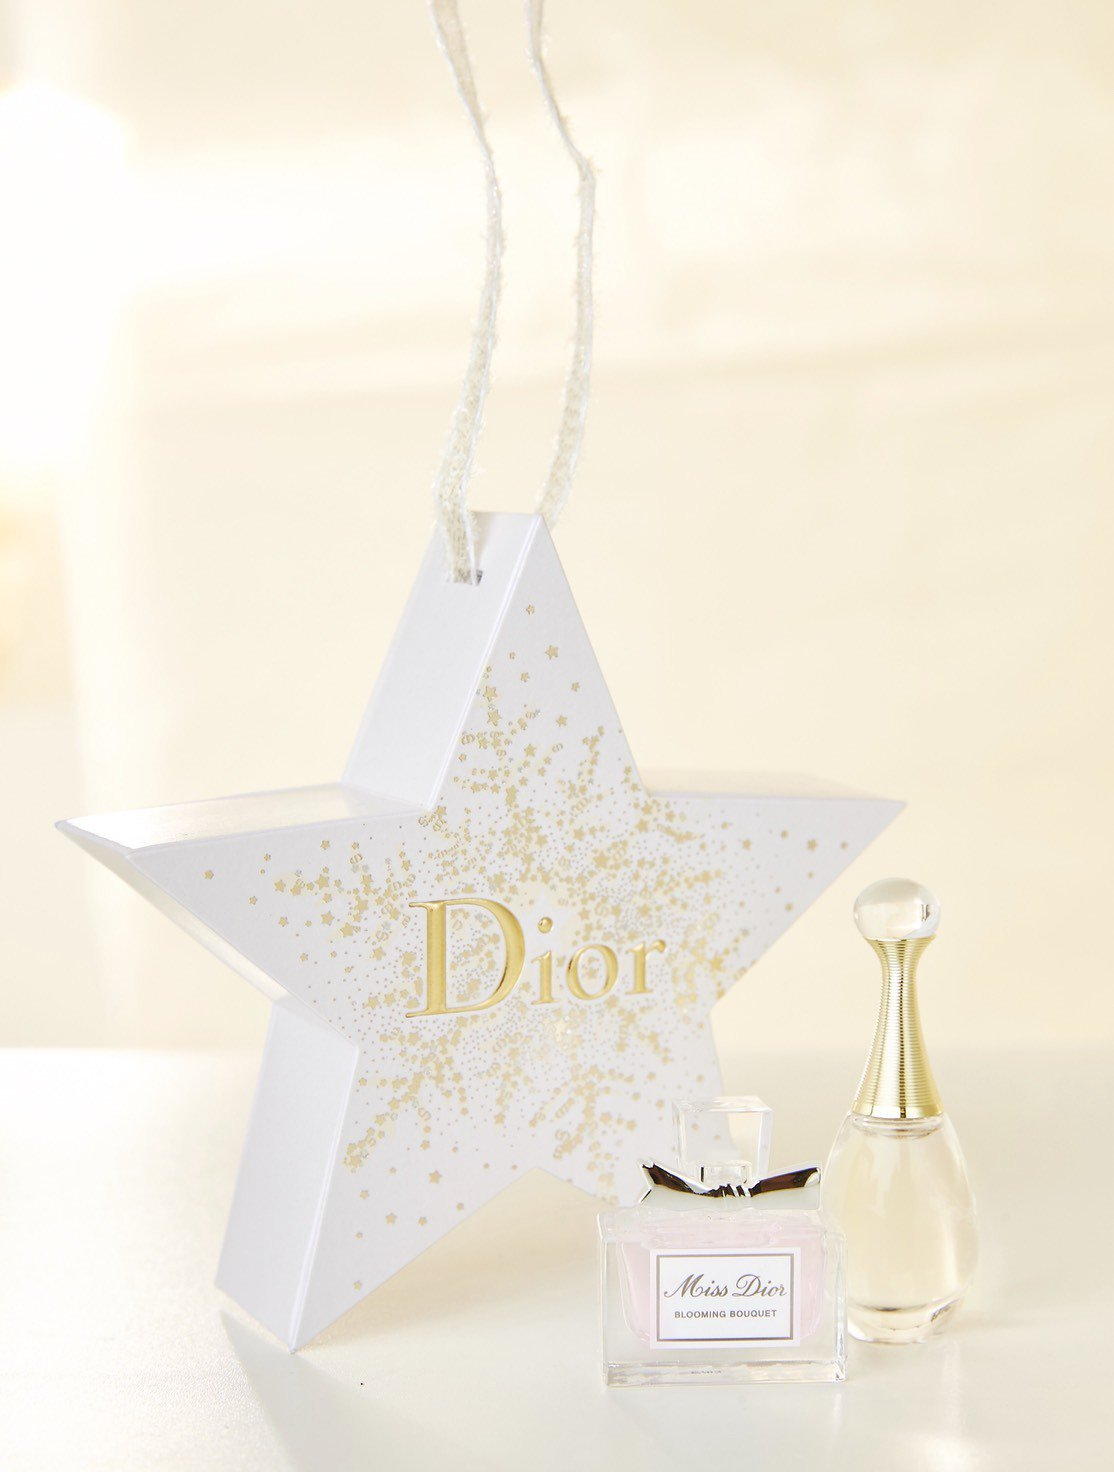 迪奧幸運星吊飾香水精巧版。圖/迪奧提供